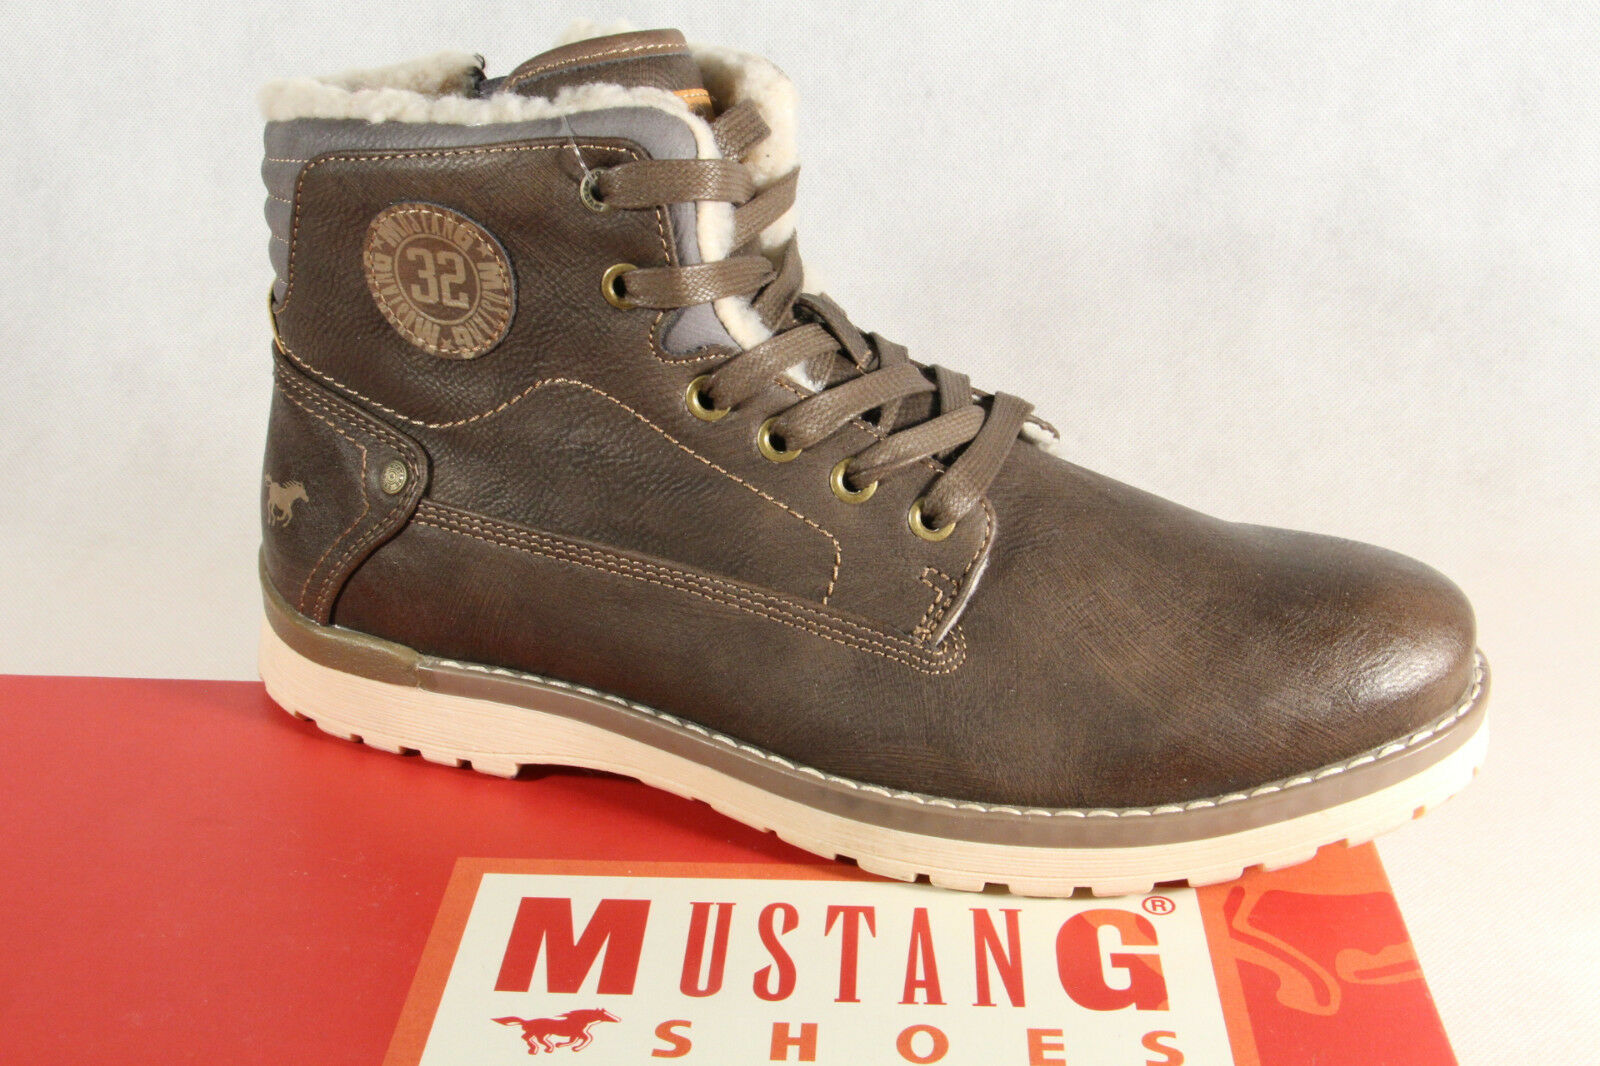 Mustang Stiefel Stiefel Schnürstiefel Winterstiefel SP. 49, 95   braun 4092 NEU